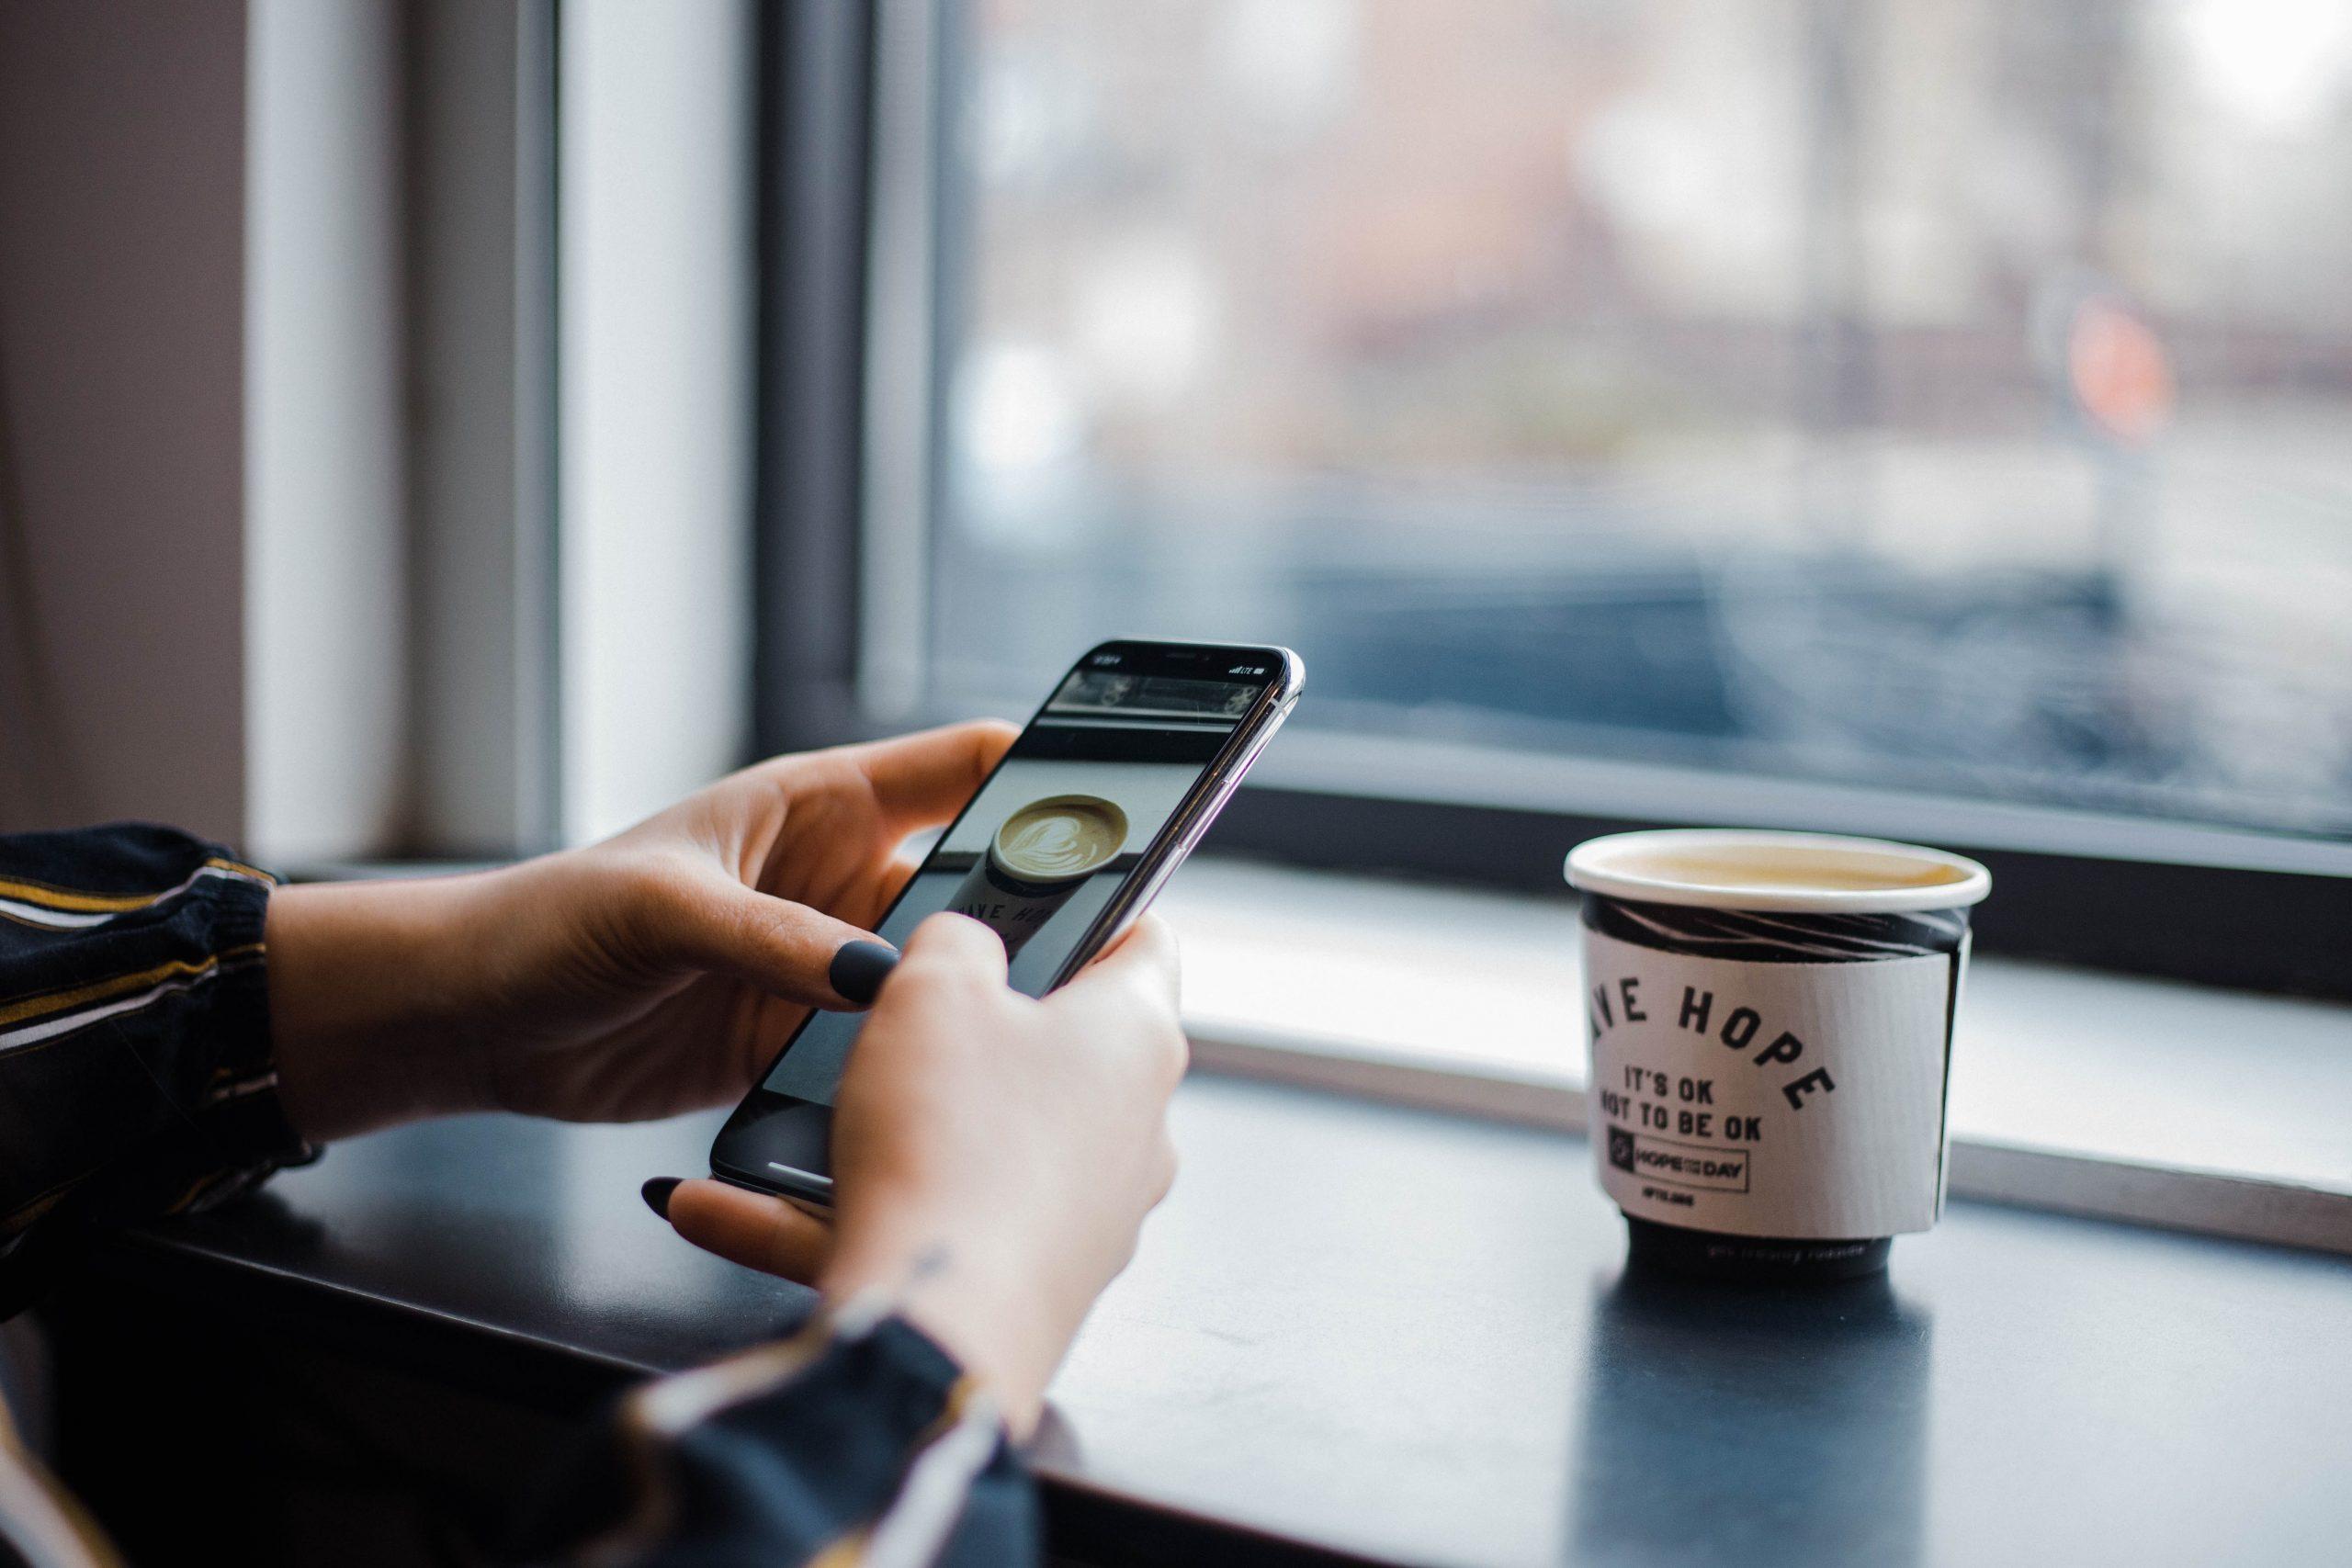 Mujer usando smartphone Huawei en mesa junto a ventana con taza de café